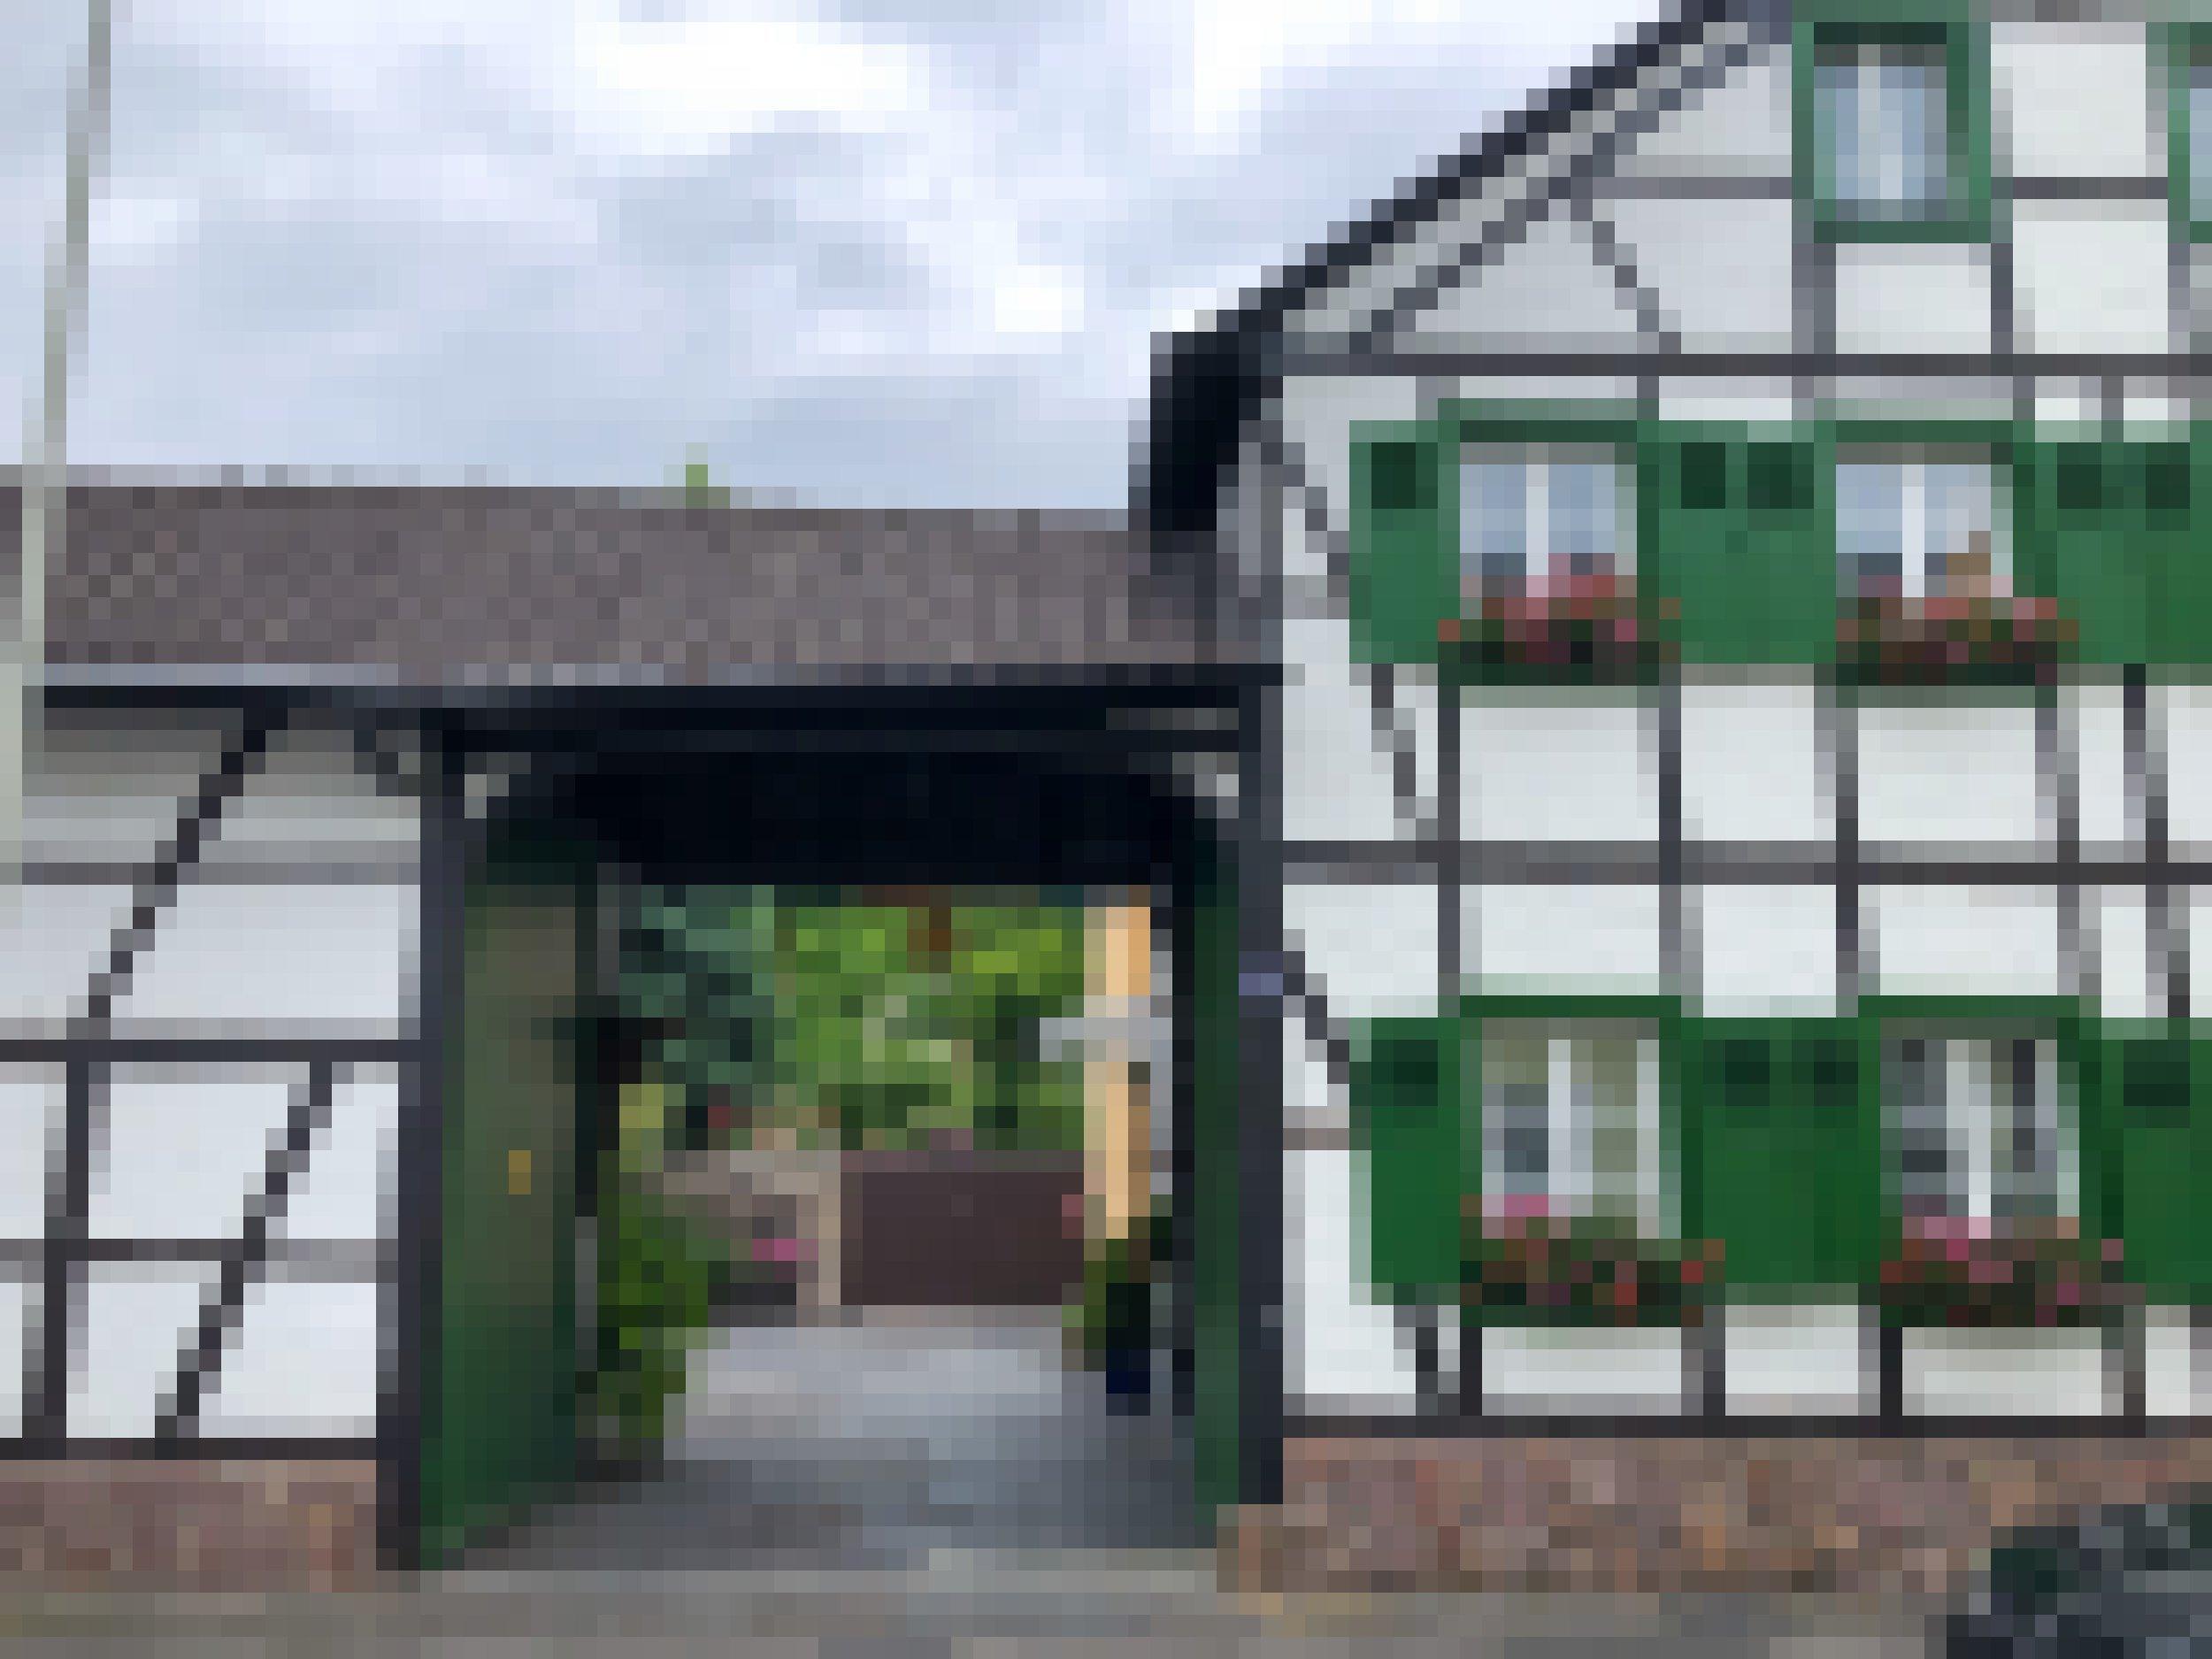 Ein Fachwerkhaus mit grünen Fensterläden und roten und rosafarbenen Geranien vor den Fenstern. Durch die große Einfahrt fällt der Blick auf ein paar Bäume und eine geteerte Fläche.